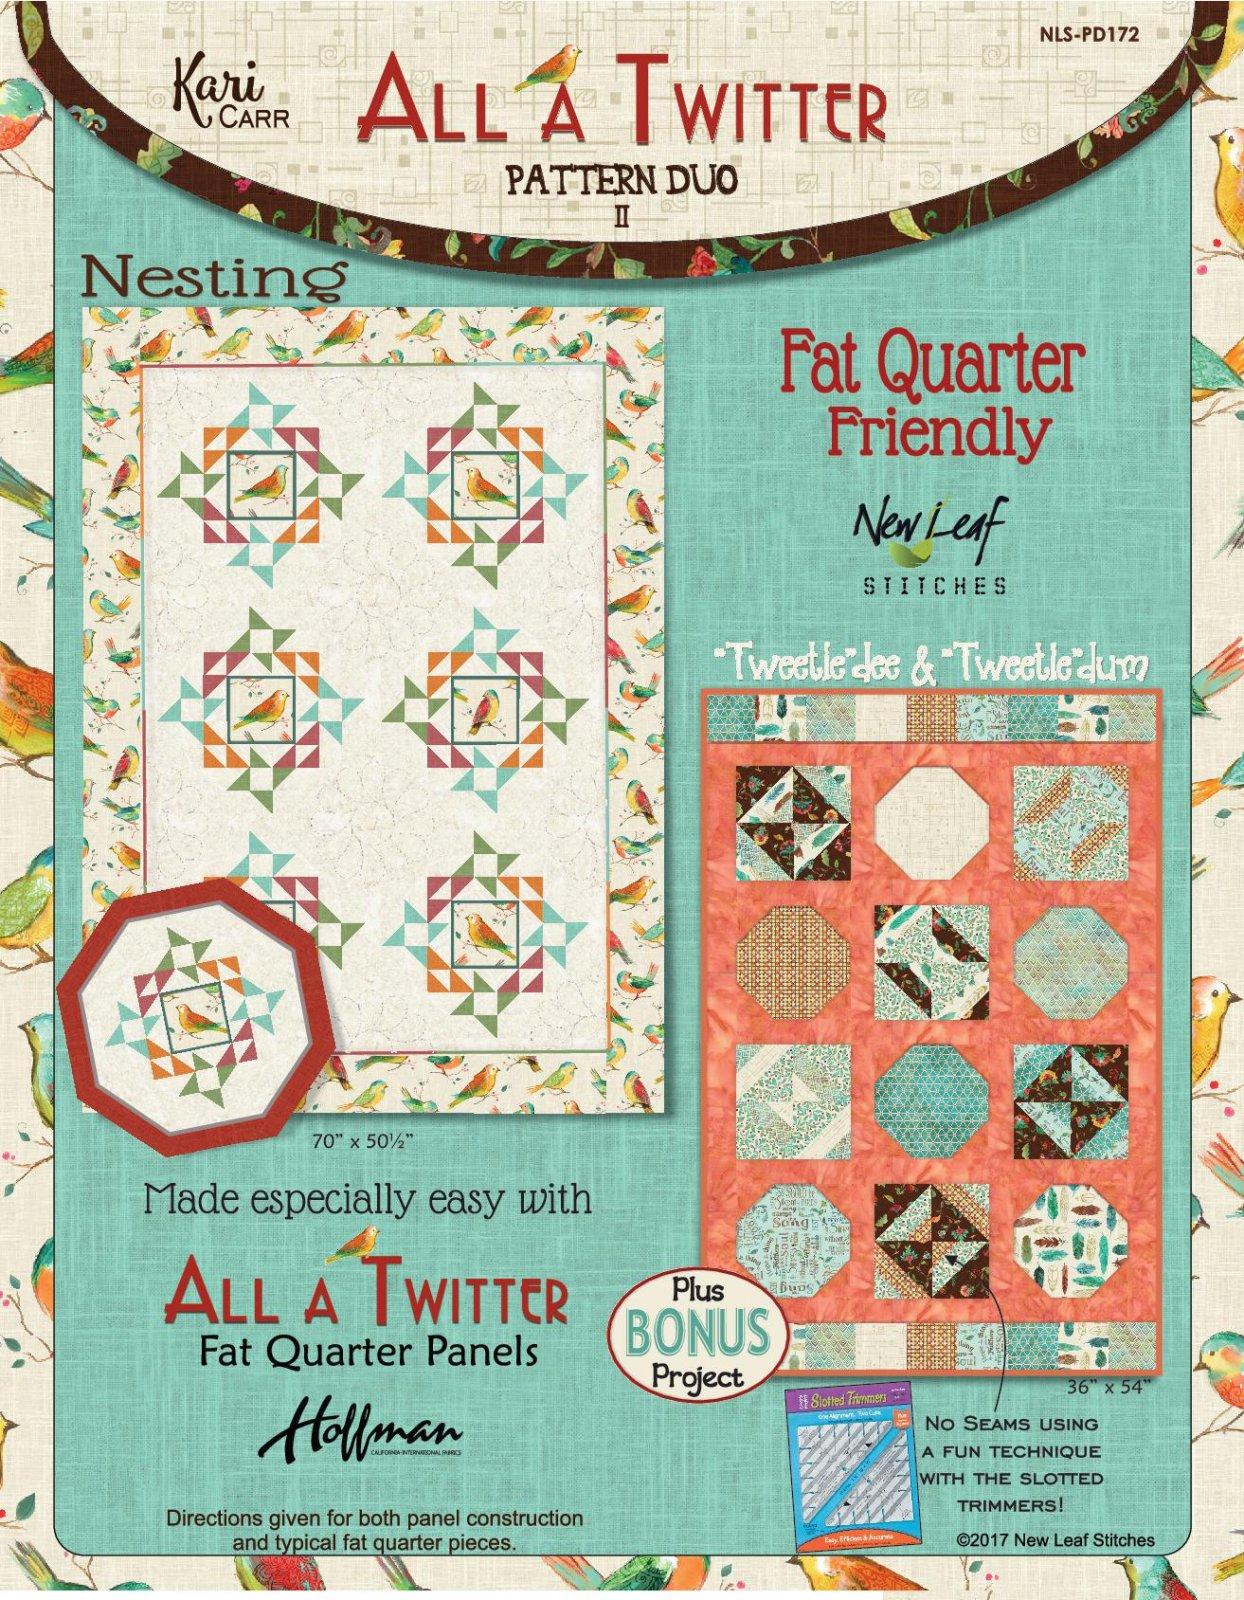 All a Twitter: Pattern Duo II